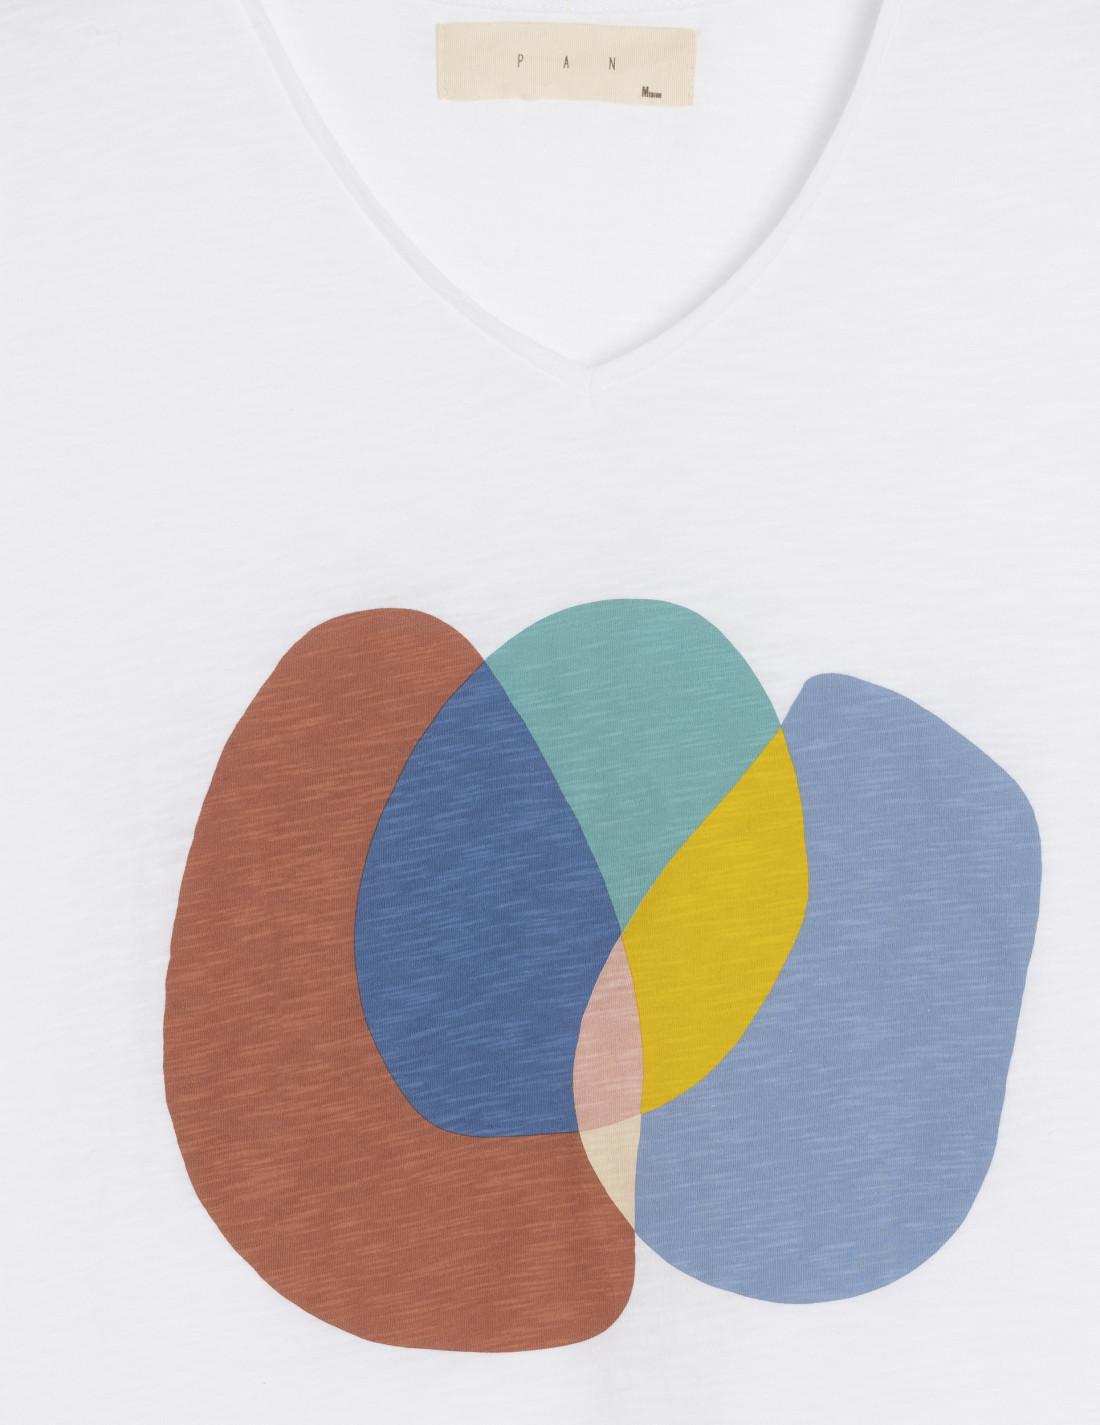 Camiseta de cuello pico, blanco con estampado, 100% algodón de Pan Producto